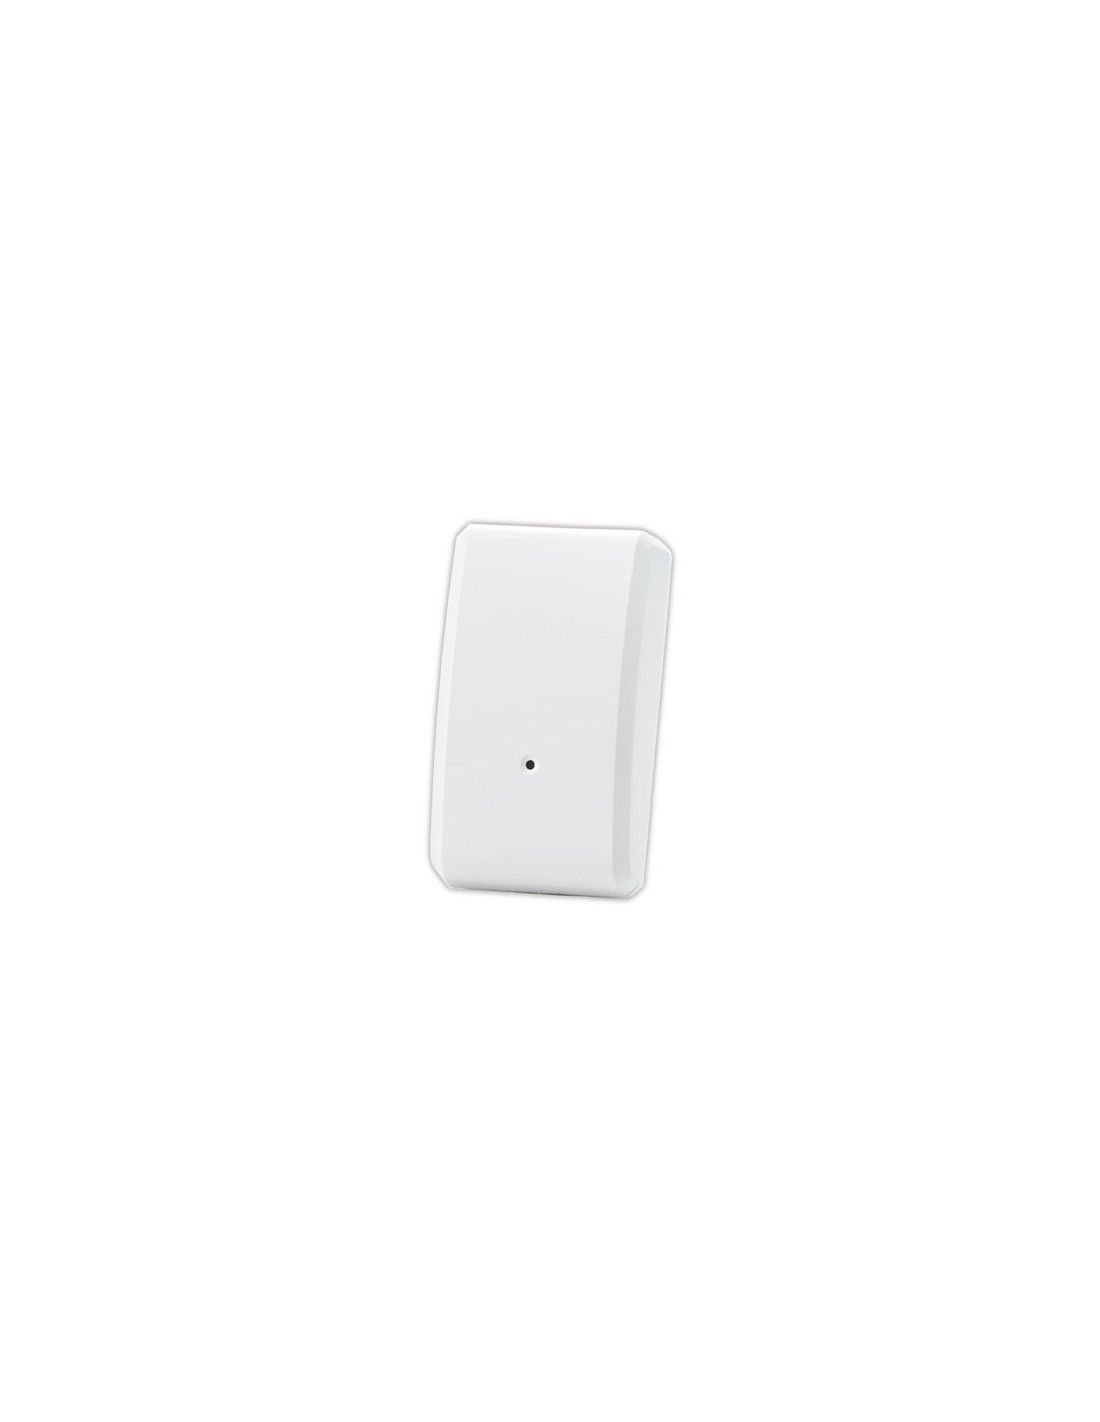 connected wave opener smart source garage z door open crib garadget